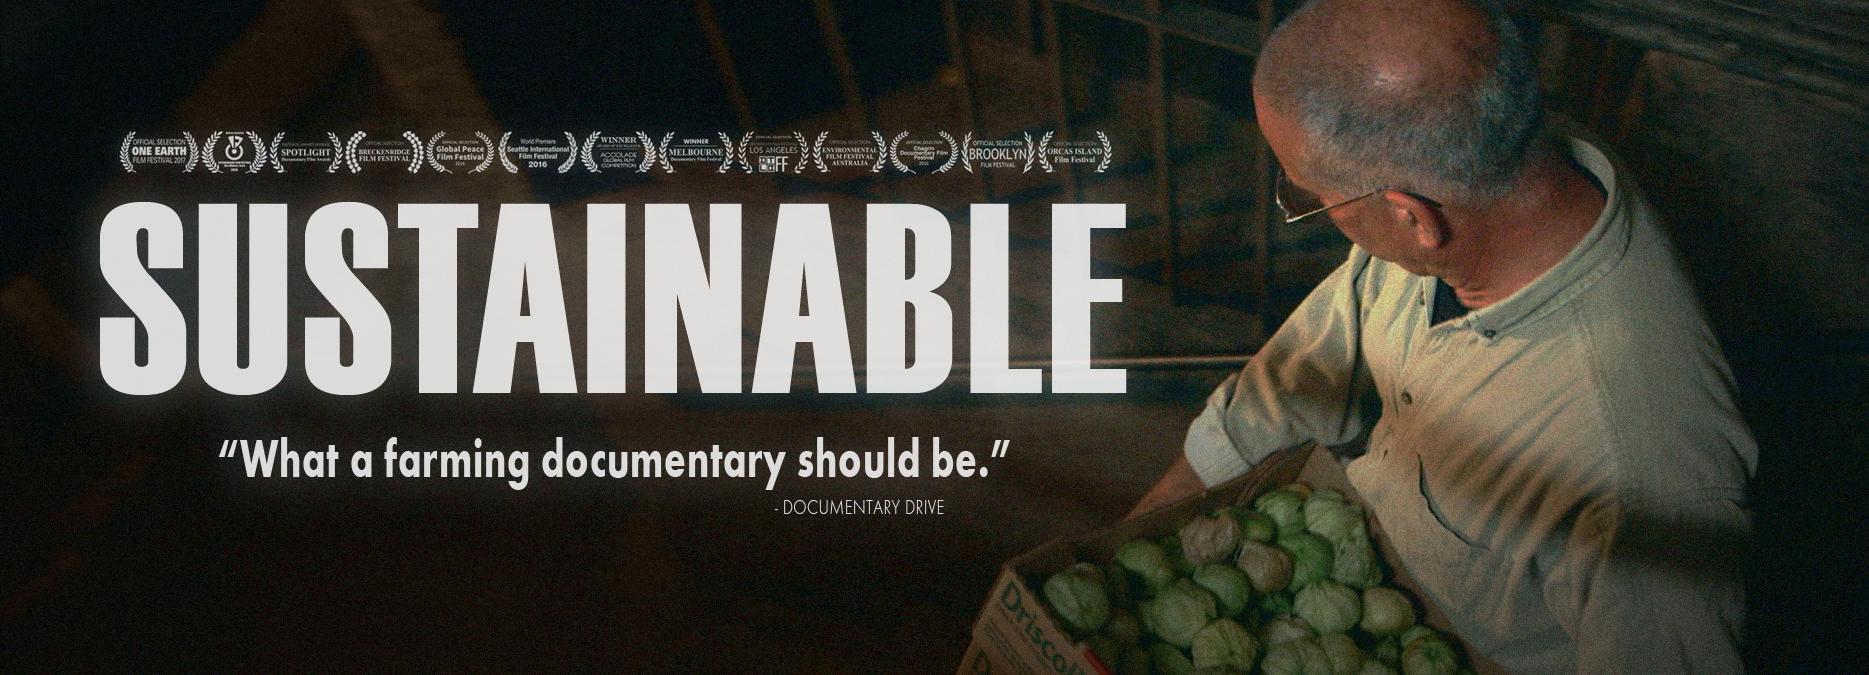 Sustaintable Documental